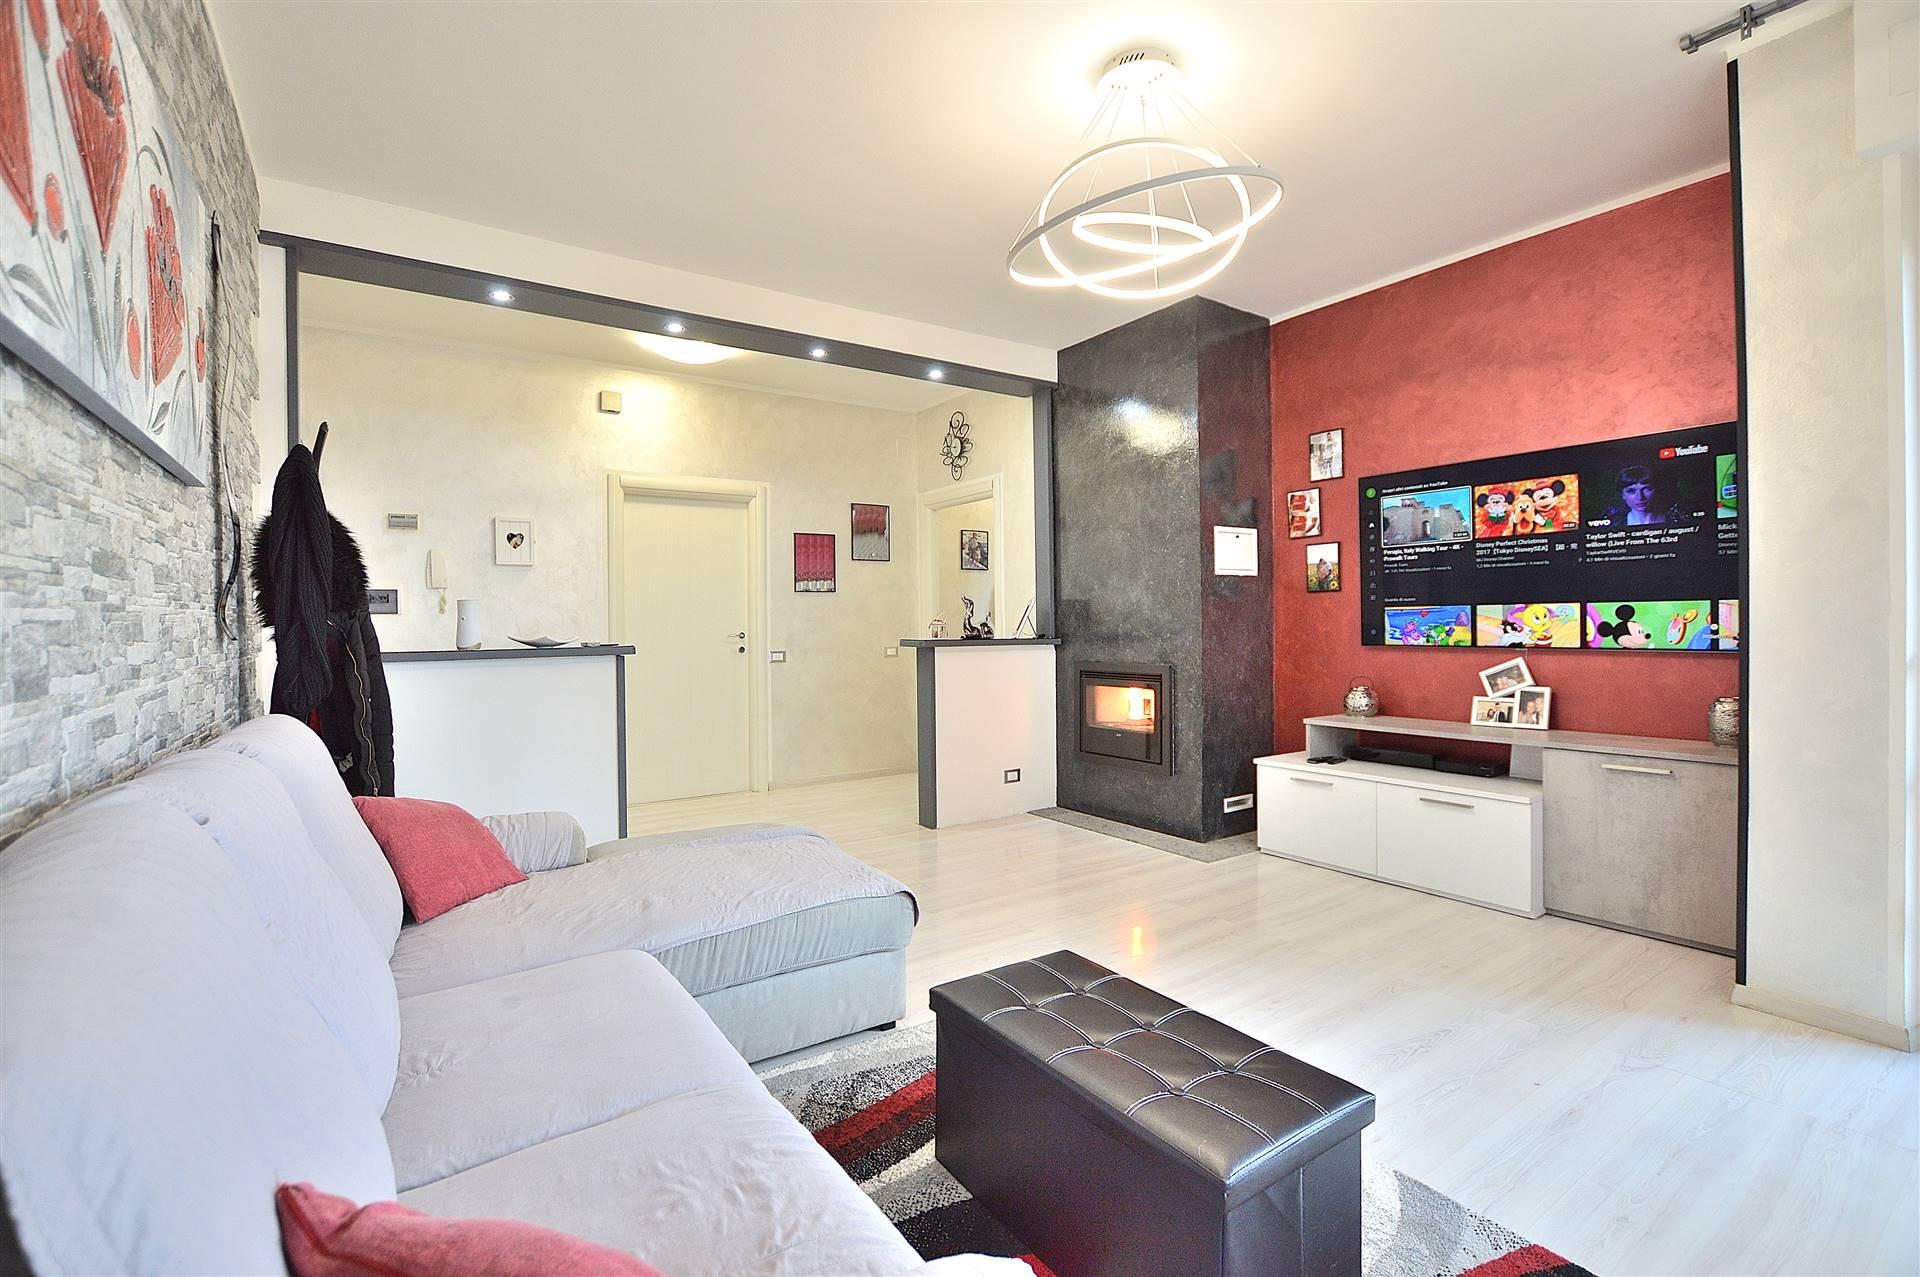 In località Le More, in piacevole contesto residenziale, proponiamo appartamento posto al piano terra rialzato di una piccola palazzina in mattoni faccia vista così composto: ingresso, ampio e